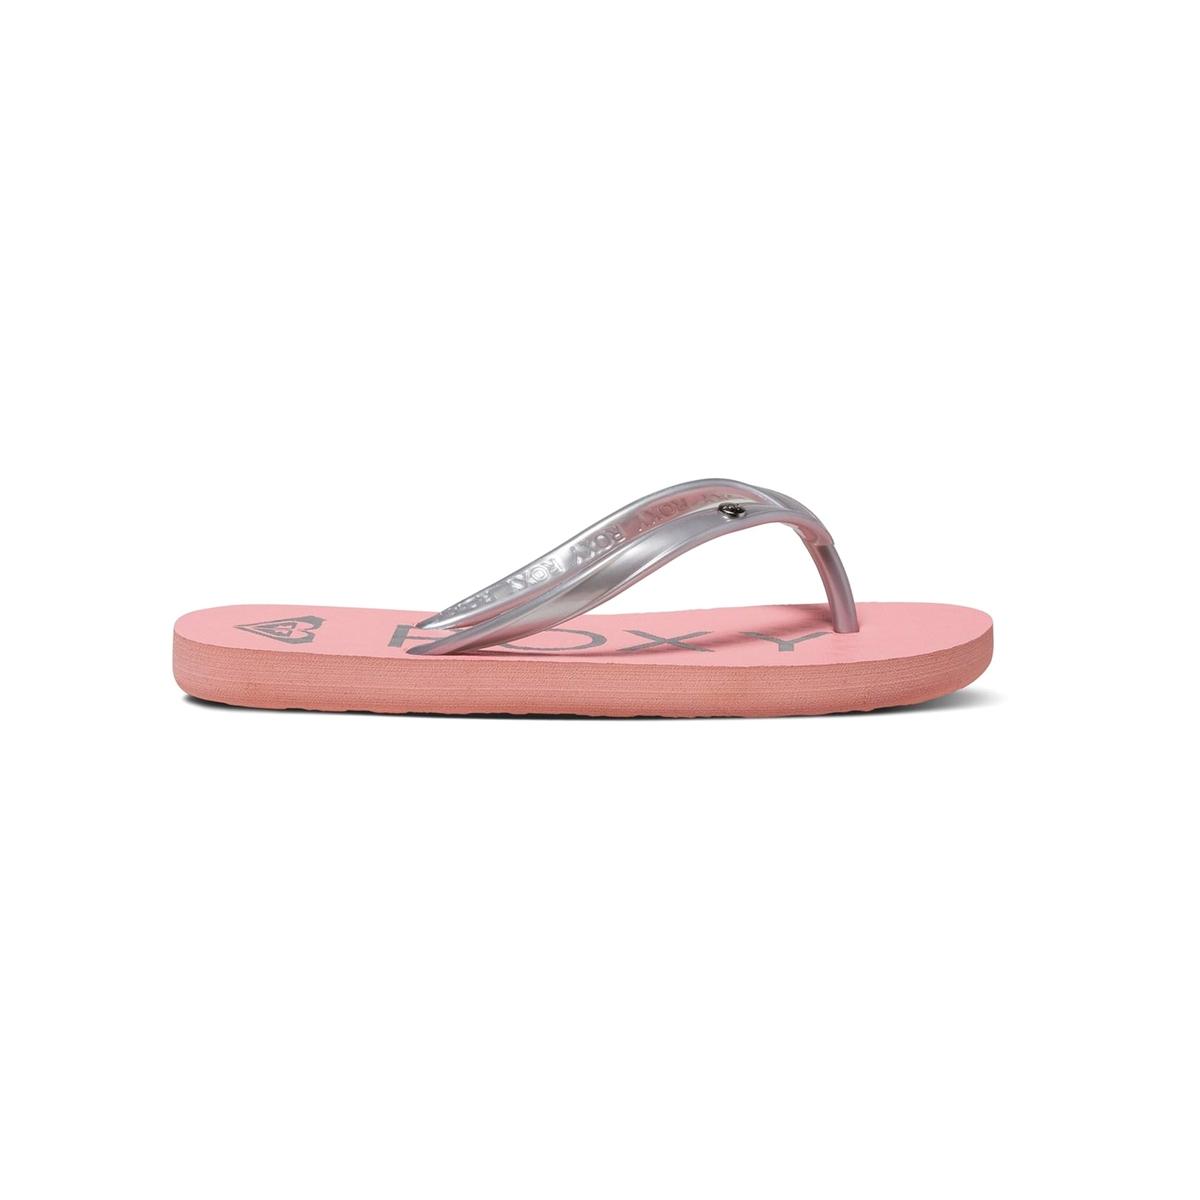 Вьетнамки RG SandyВерх : синтетика   Подошва : каучук   Форма каблука : плоский каблук   Мысок : открытый мысок   Застежка : без застежки<br><br>Цвет: розовый<br>Размер: 37